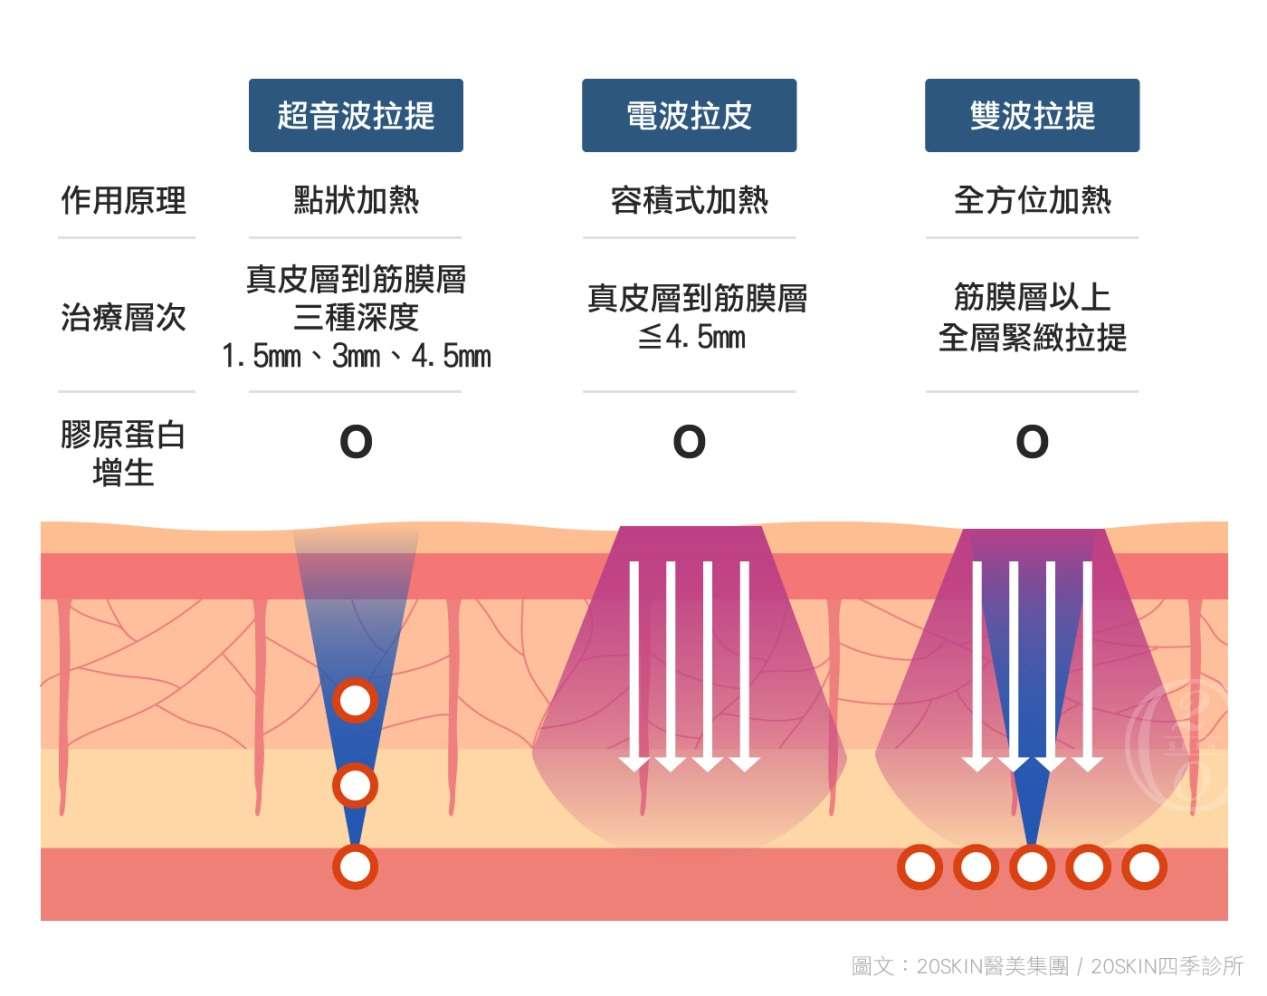 電波拉皮、超音波拉皮和電音雙波拉皮的複合運用比較表